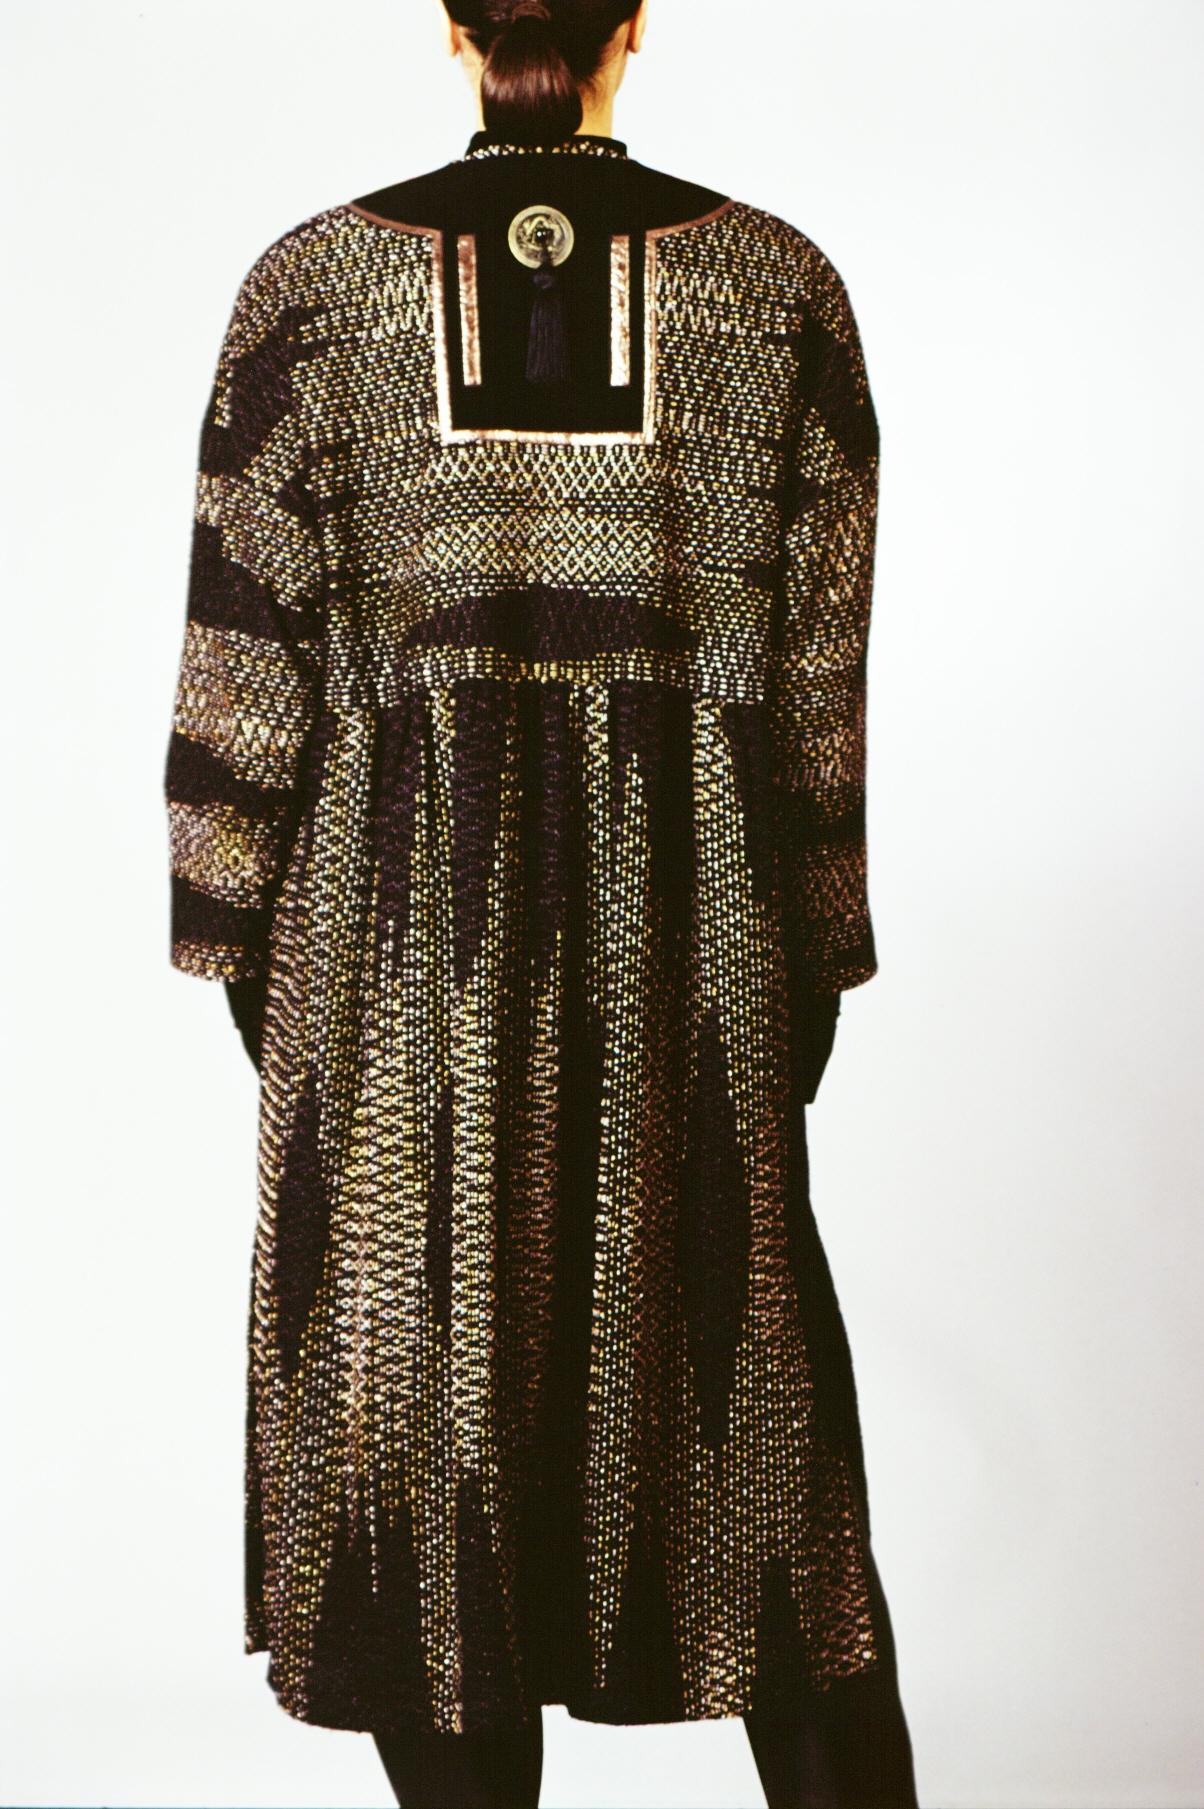 Handwoven Coat, Business Apparel, Kathleen Weir-West 1.JPG